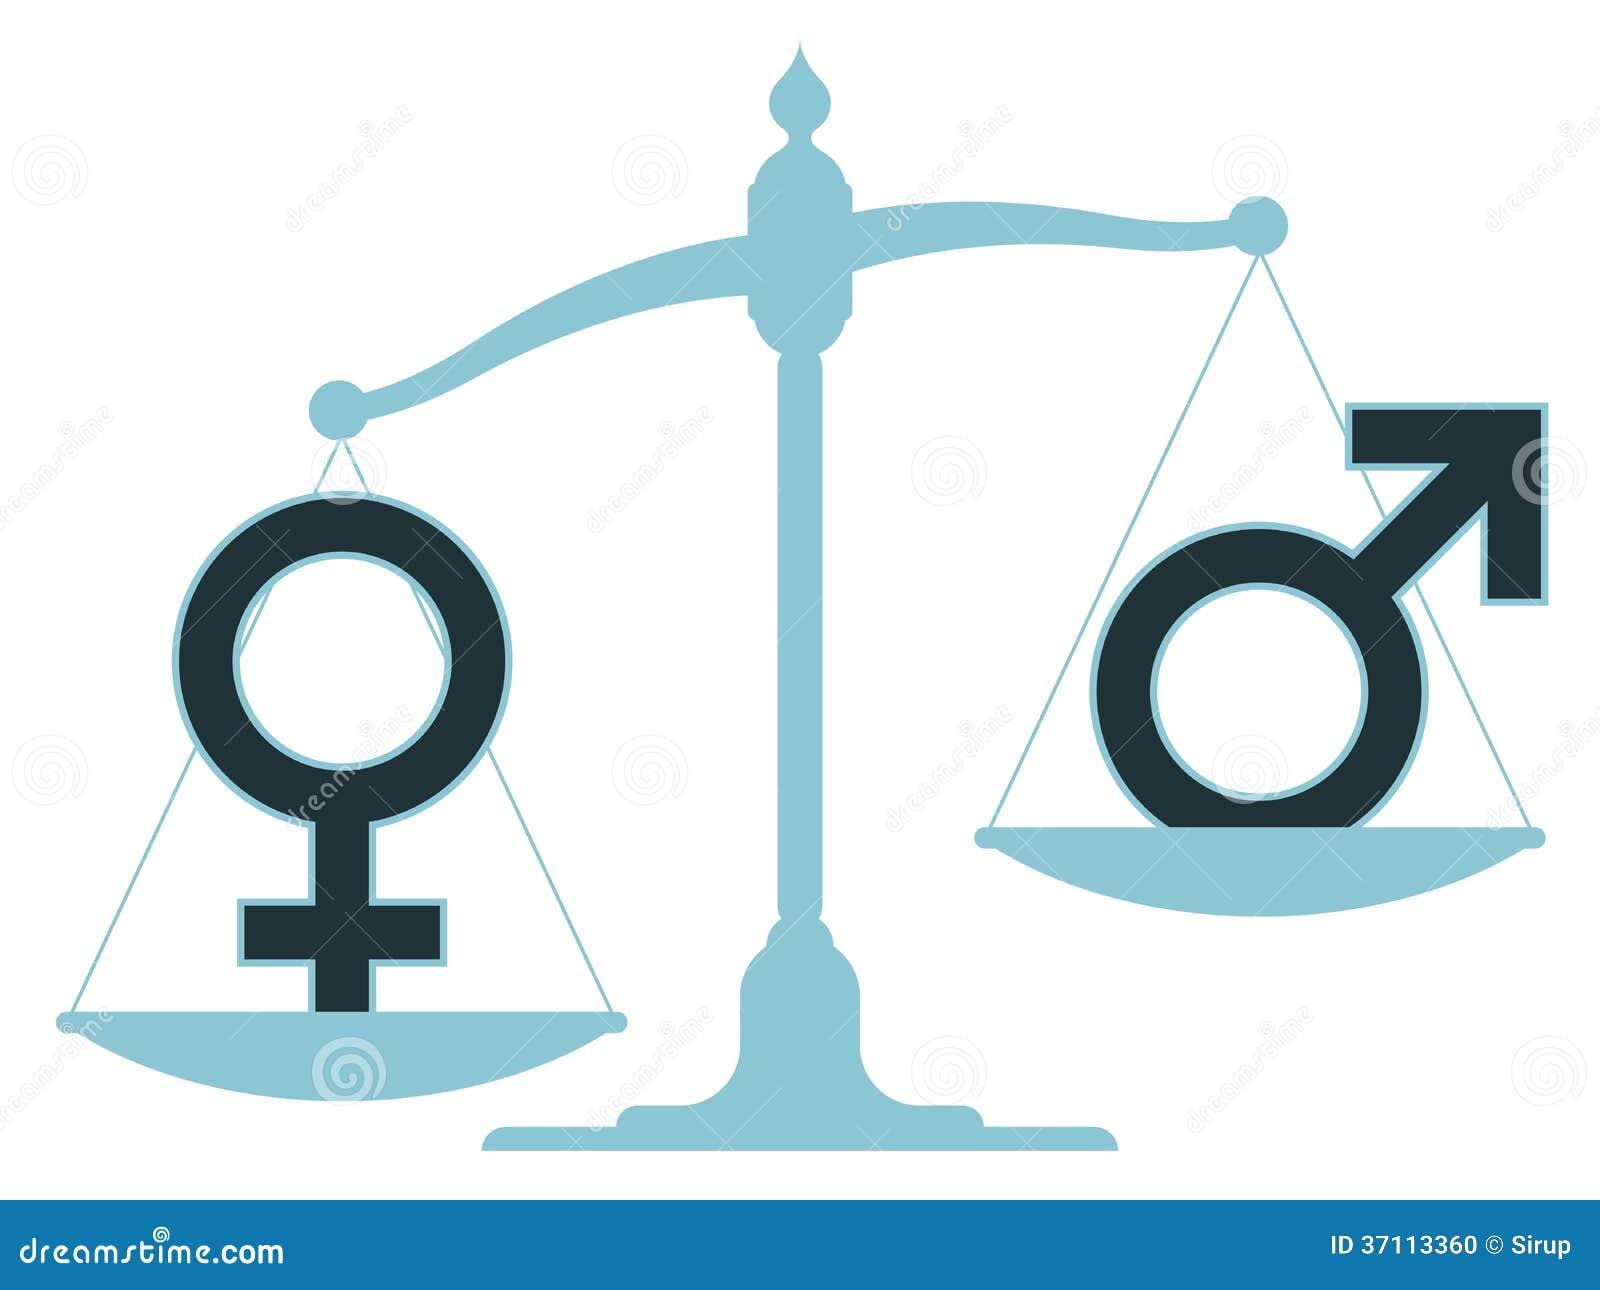 Κλίμακα με τα αρσενικά και θηλυκά εικονίδια που παρουσιάζουν δυσαναλογία